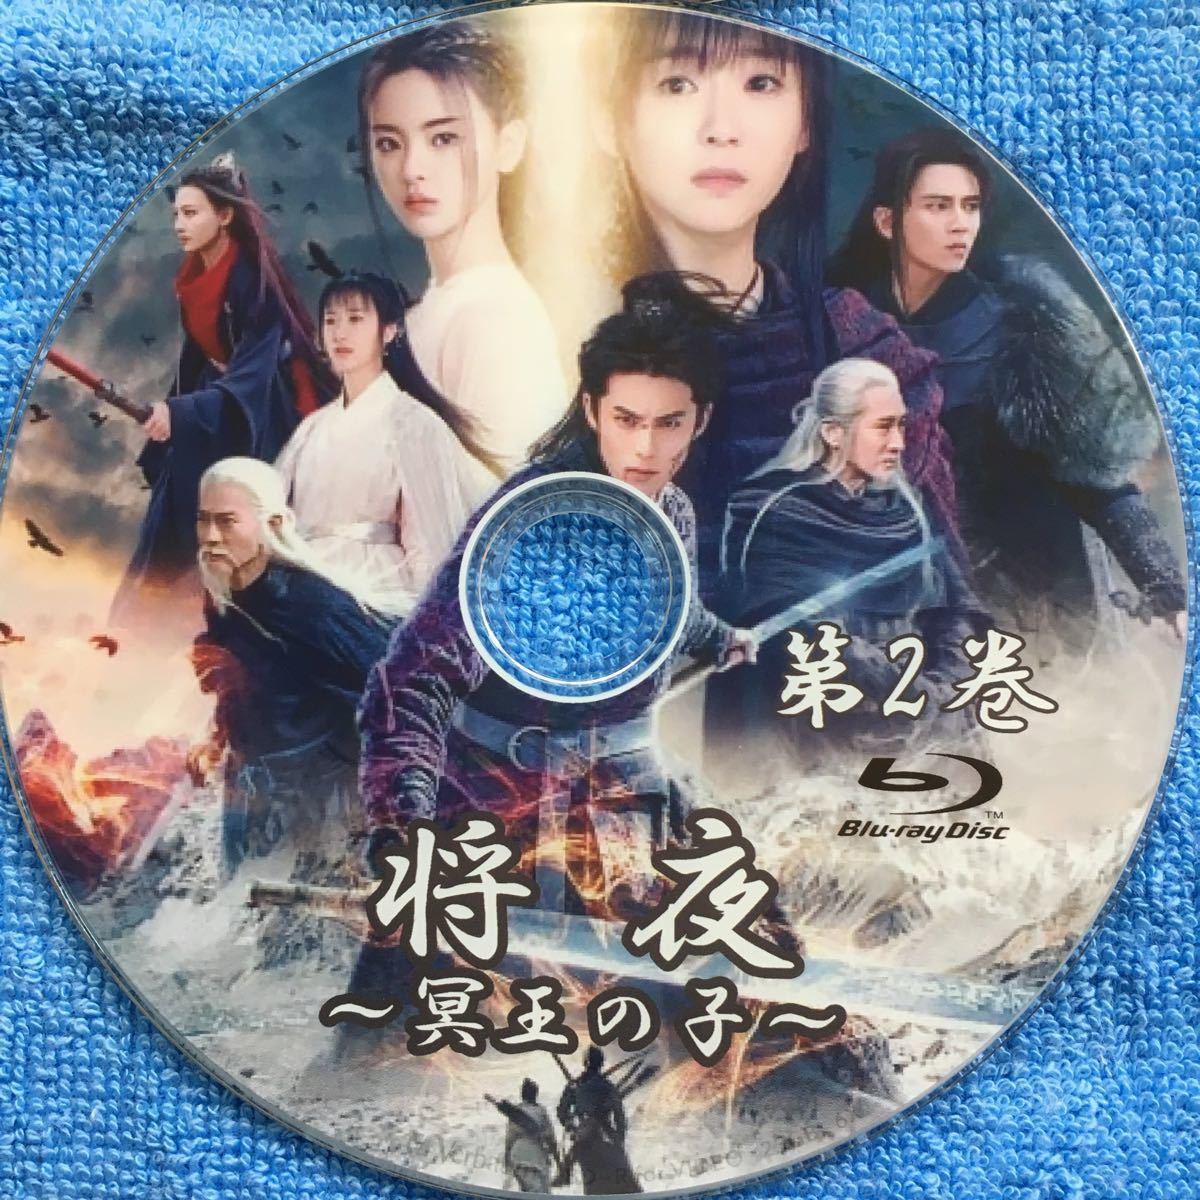 中国ドラマBlu-ray将夜冥王の子 全話